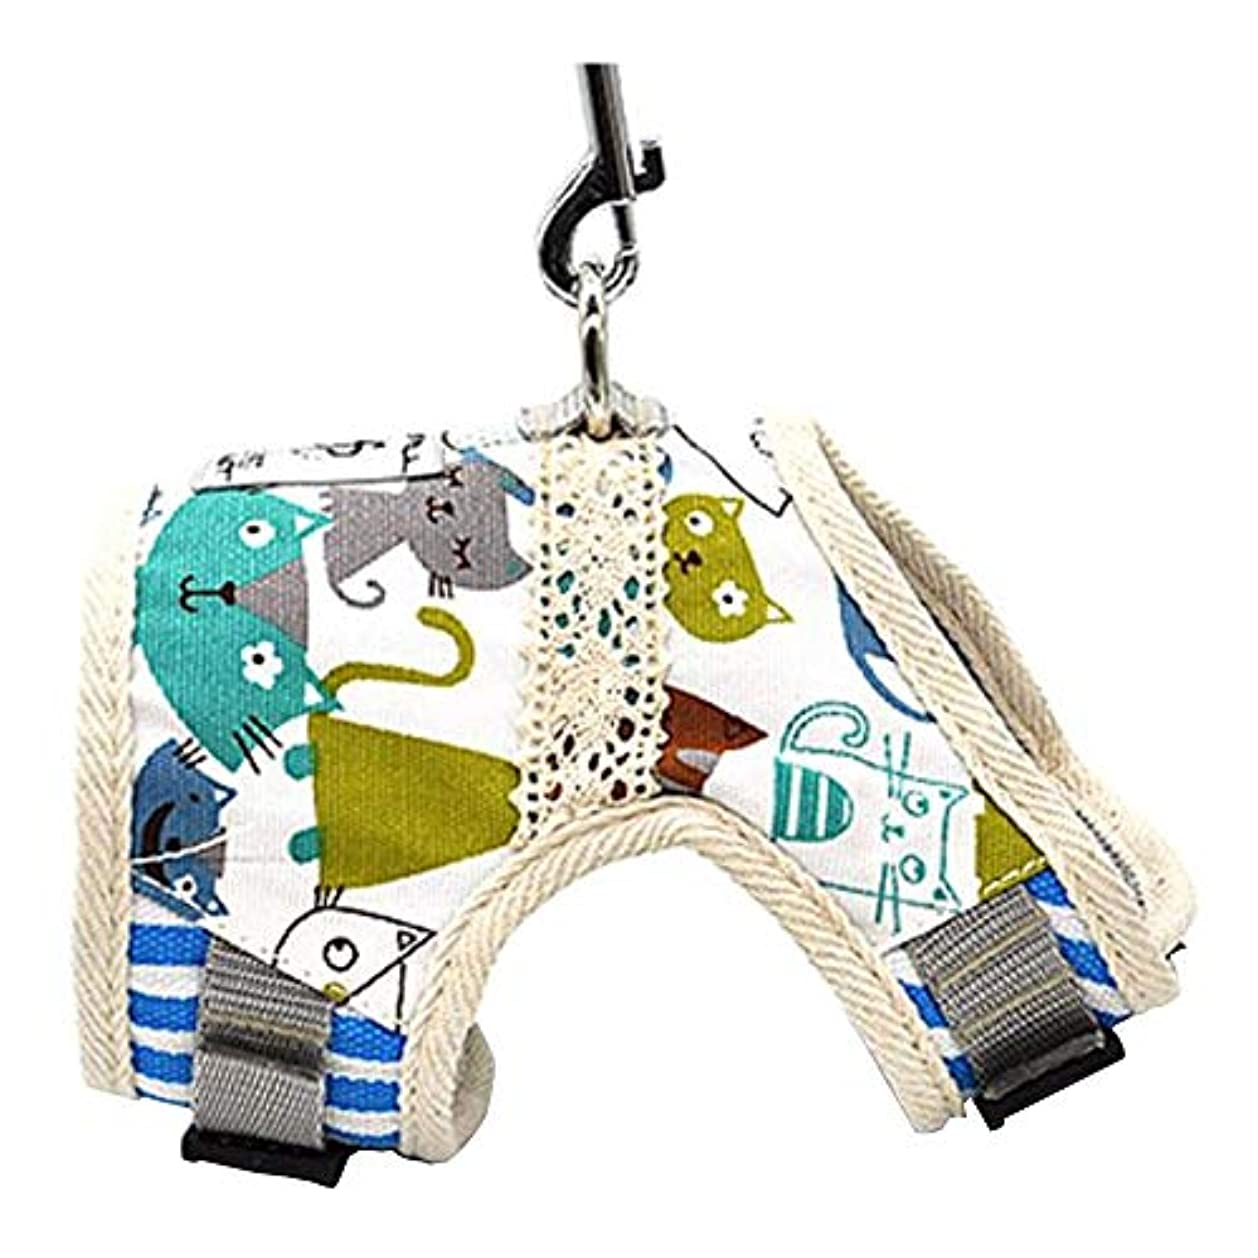 機械かどうか削る犬の鎖、ベストスタイルのペットの犬の鎖耐久性のある中型の小型犬の犬の鎖のペット用品 (色 : 1004-L)